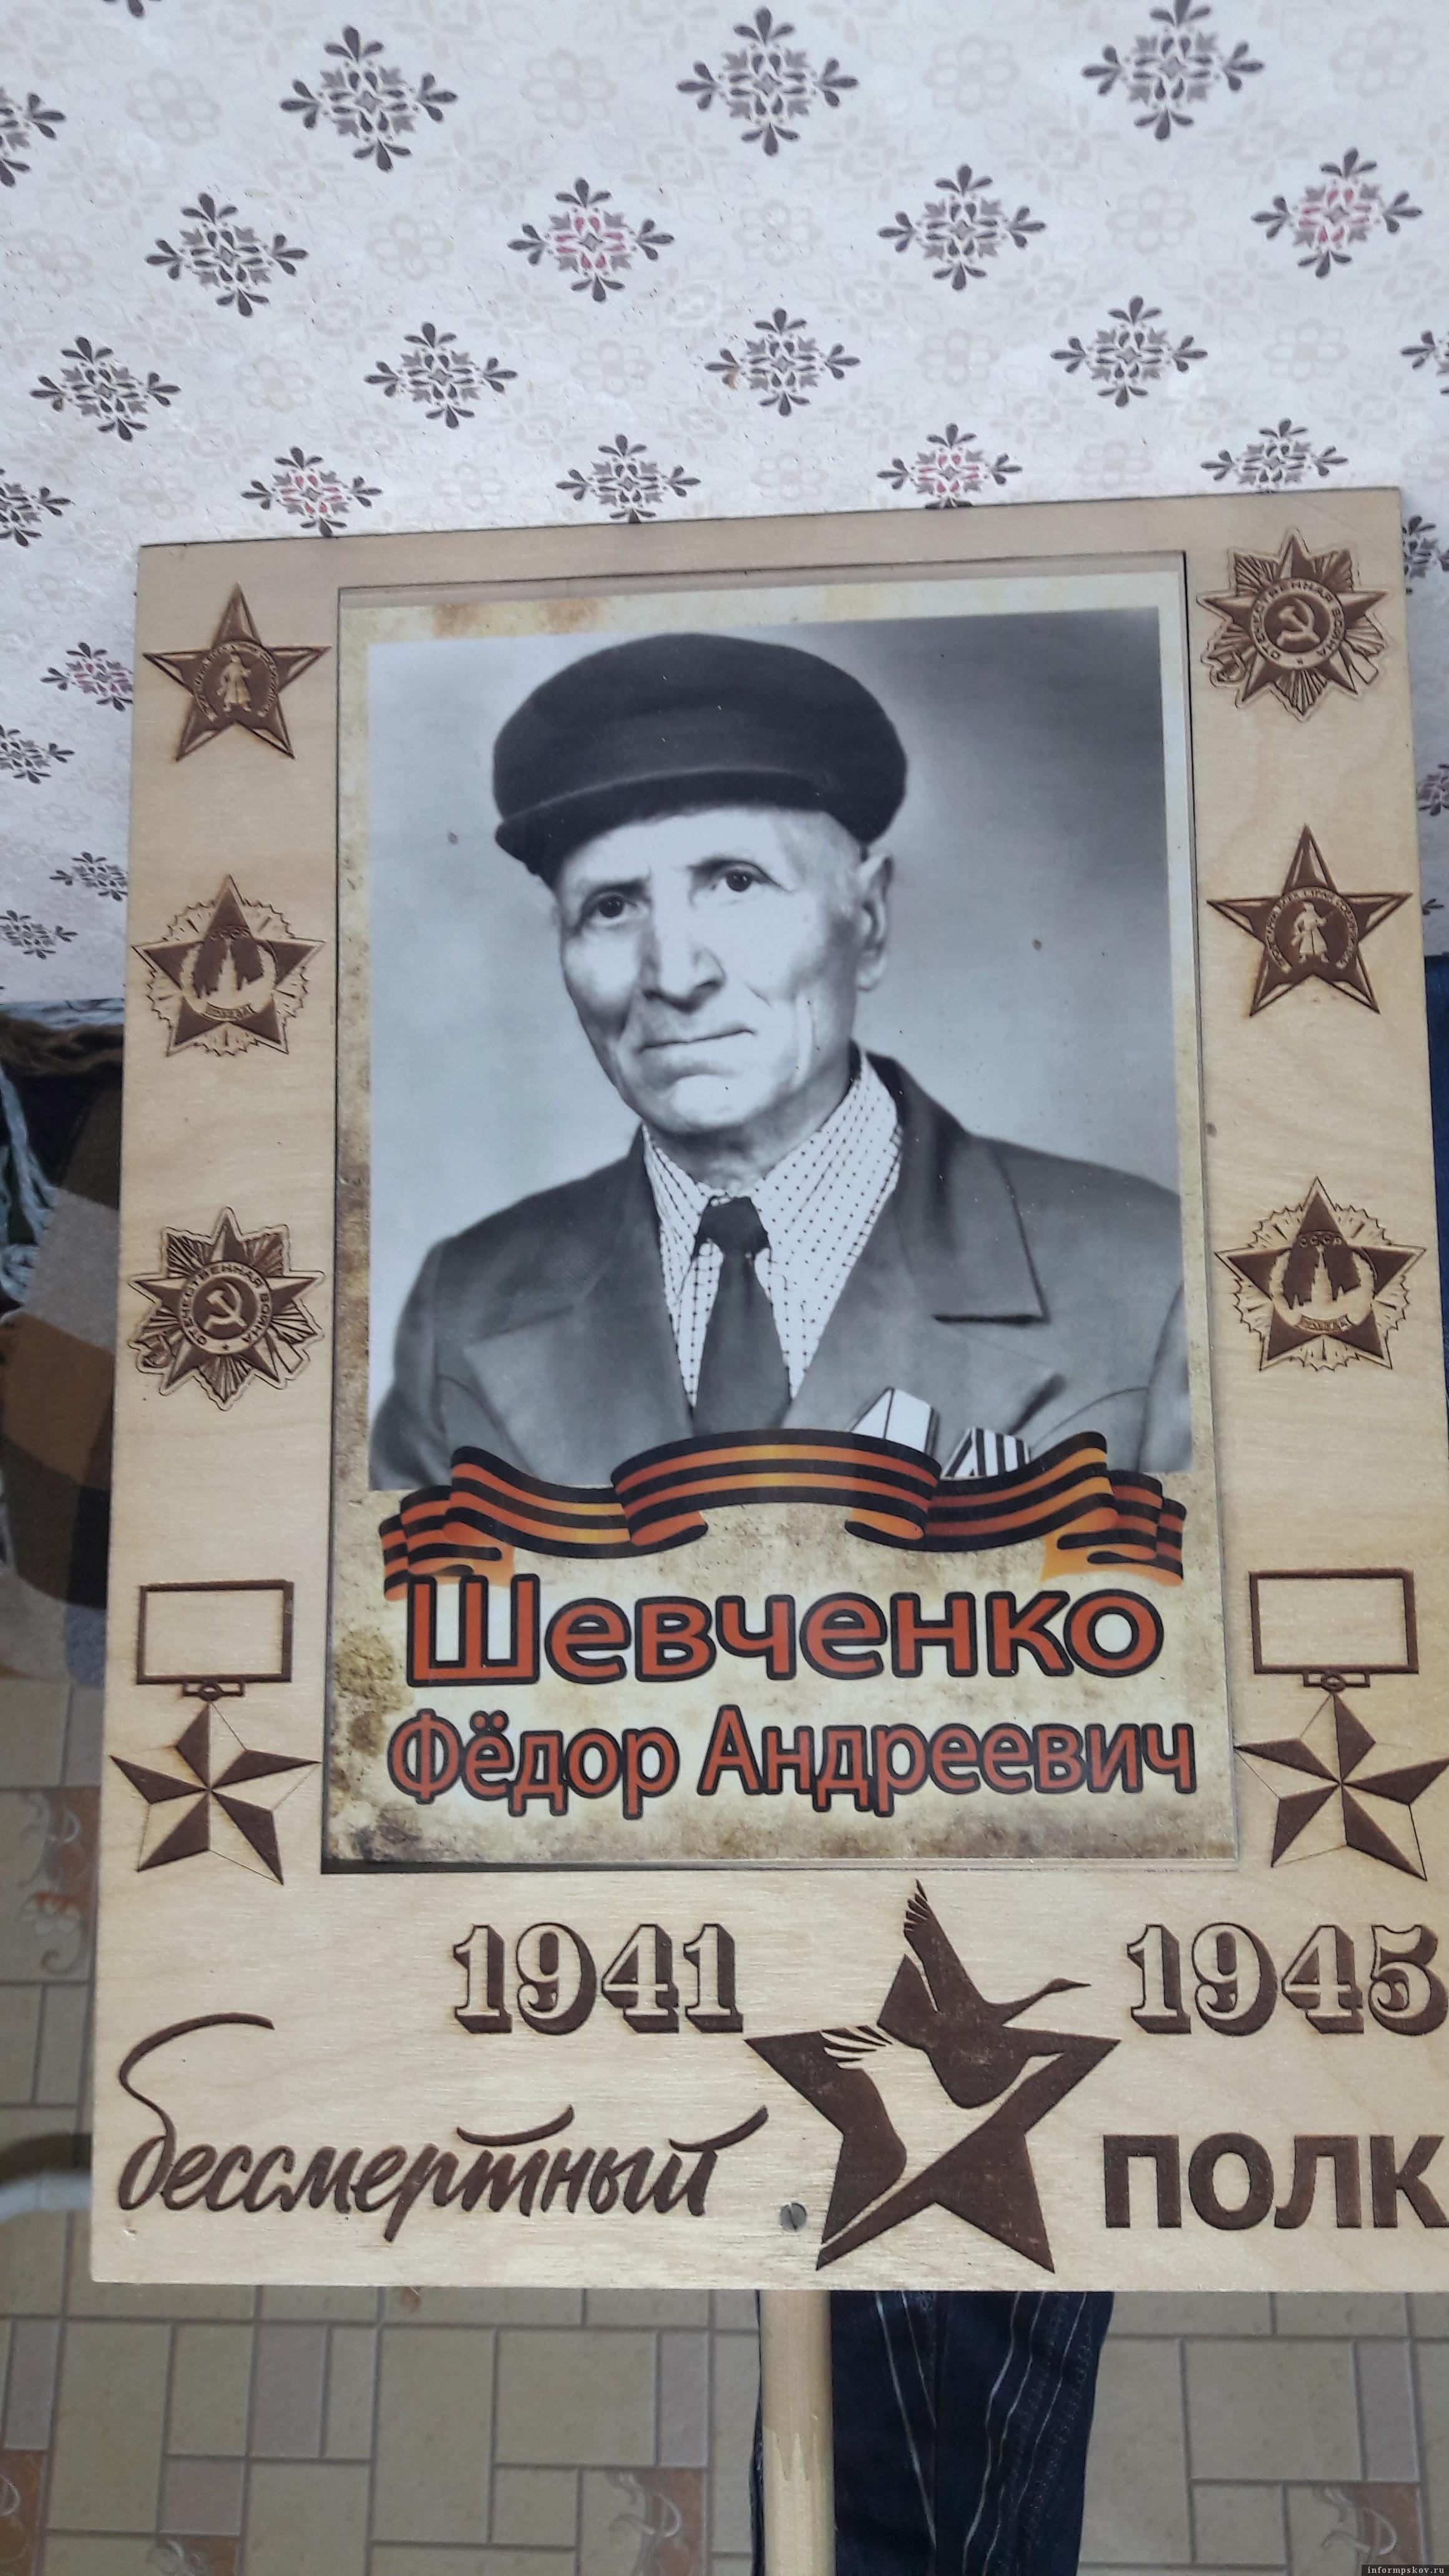 С этим портретом своего деда в рядах «Бессмертного полка» теперь гордо шагает внук – Михаил Шевченко.